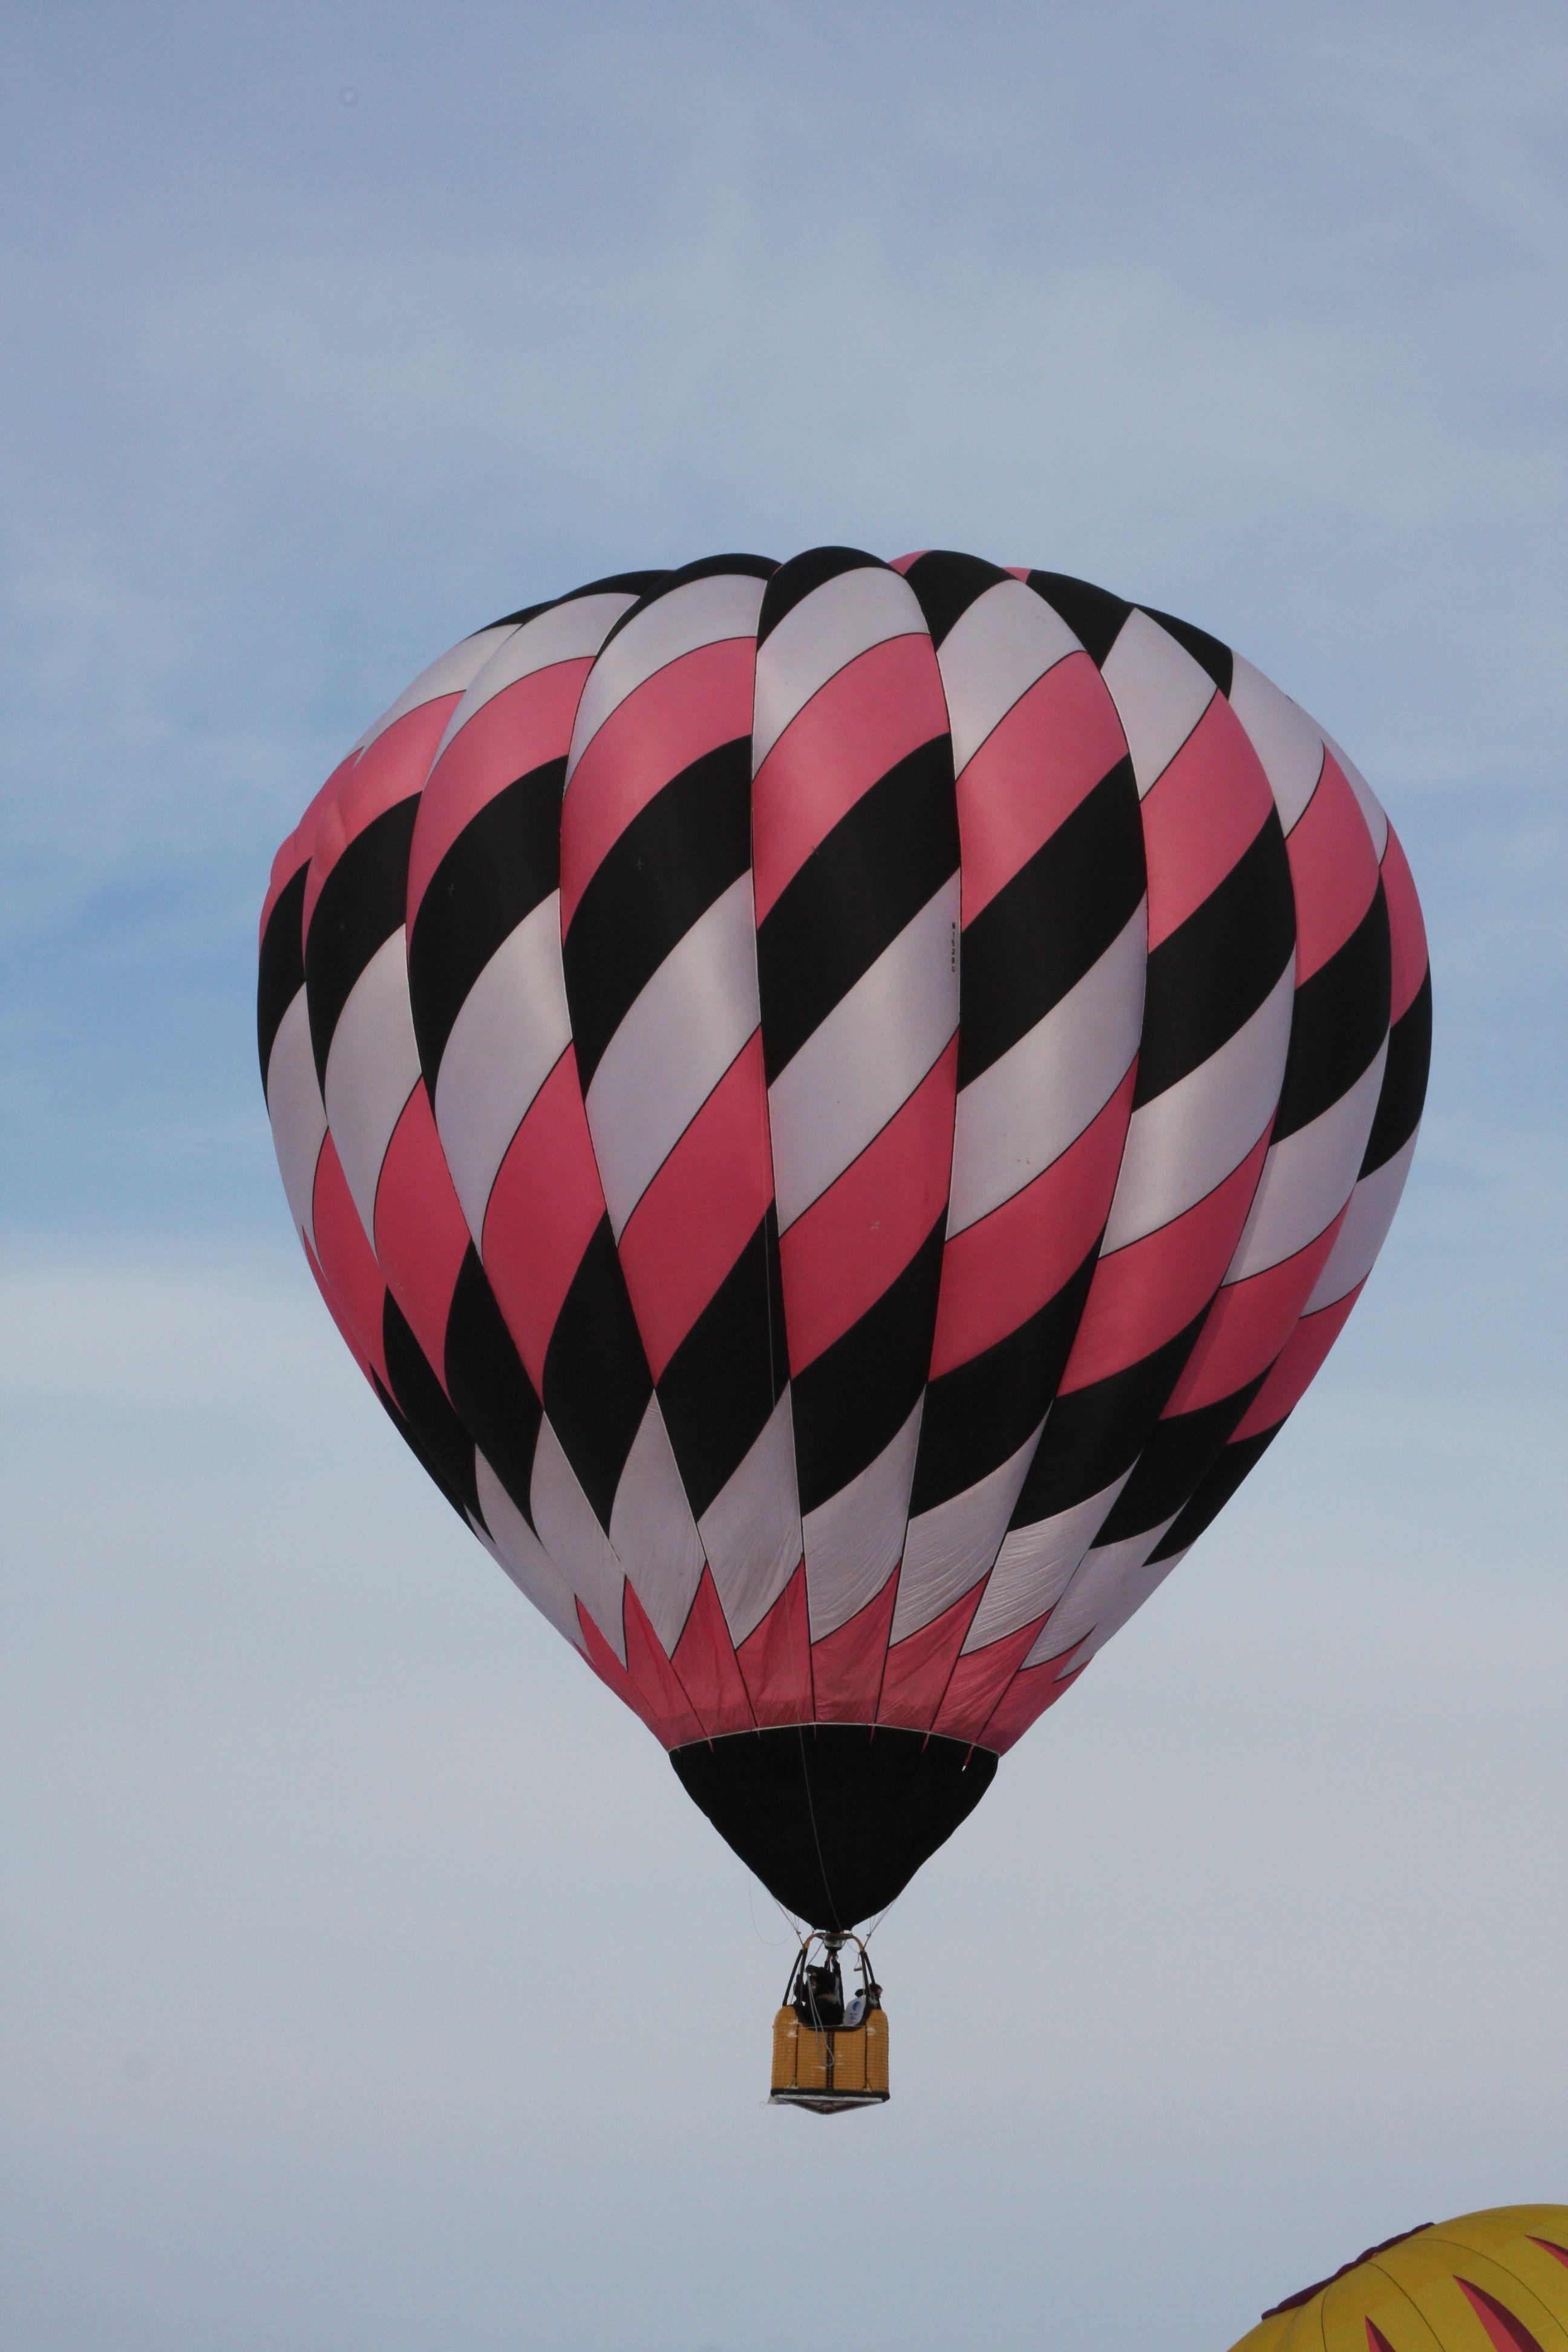 Hudson Hotair Affair Annual Event. Air balloon, Balloons